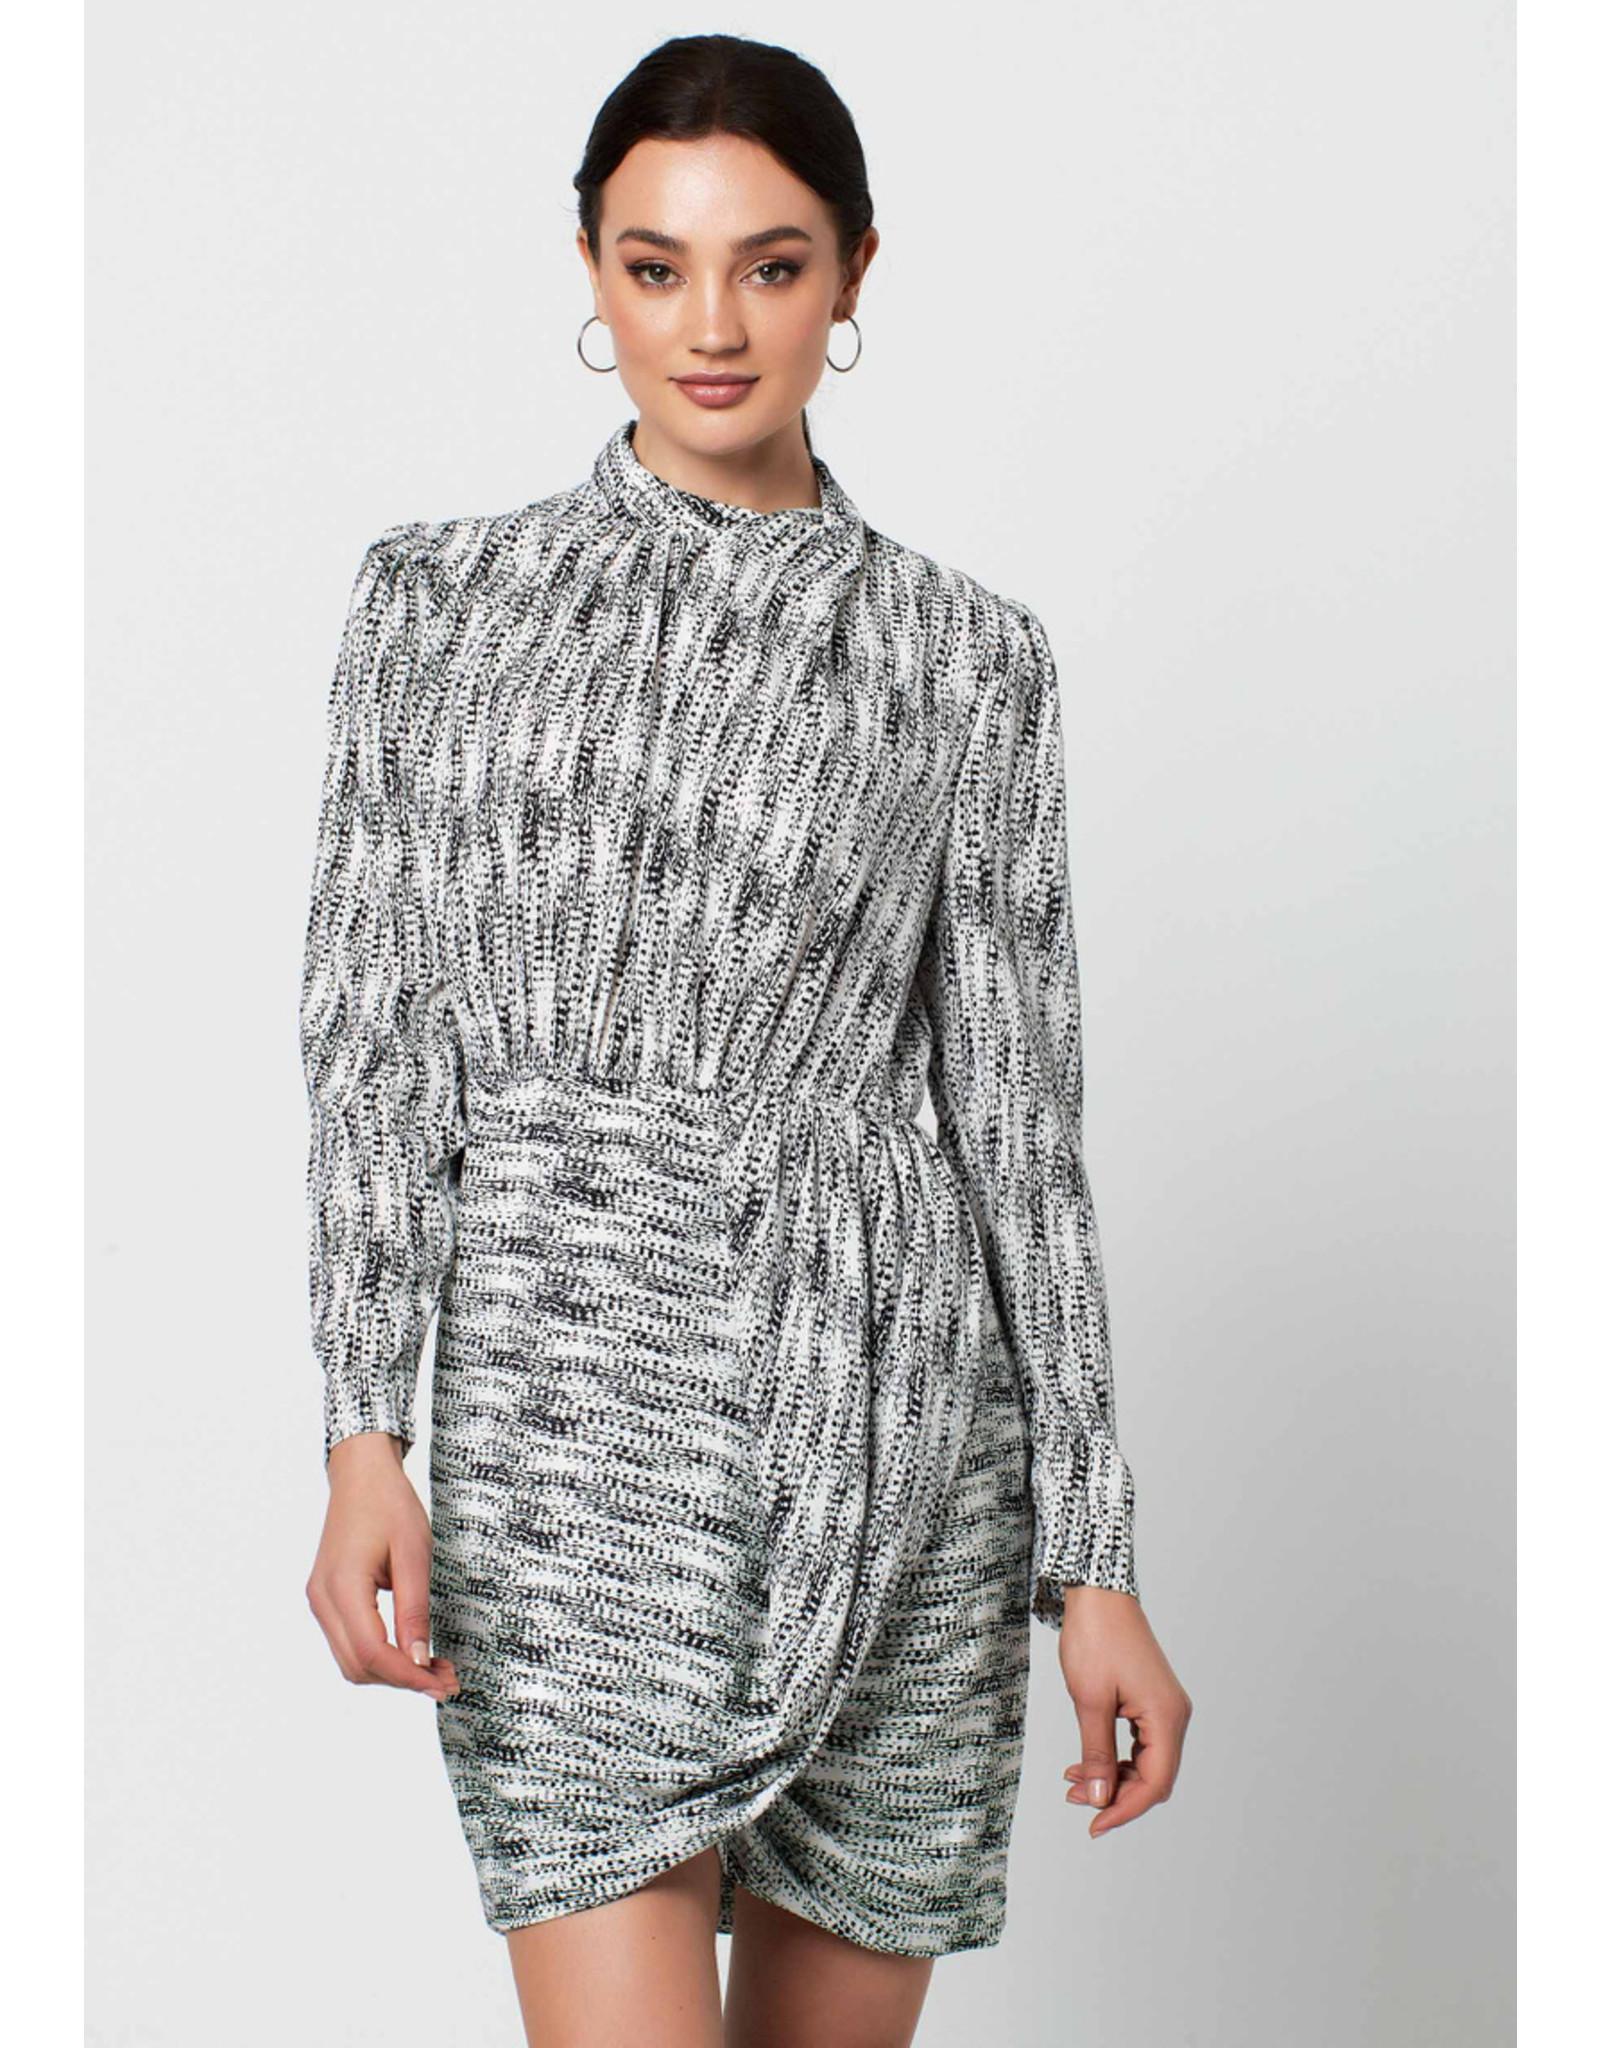 Rut&Circle Isabell Dress